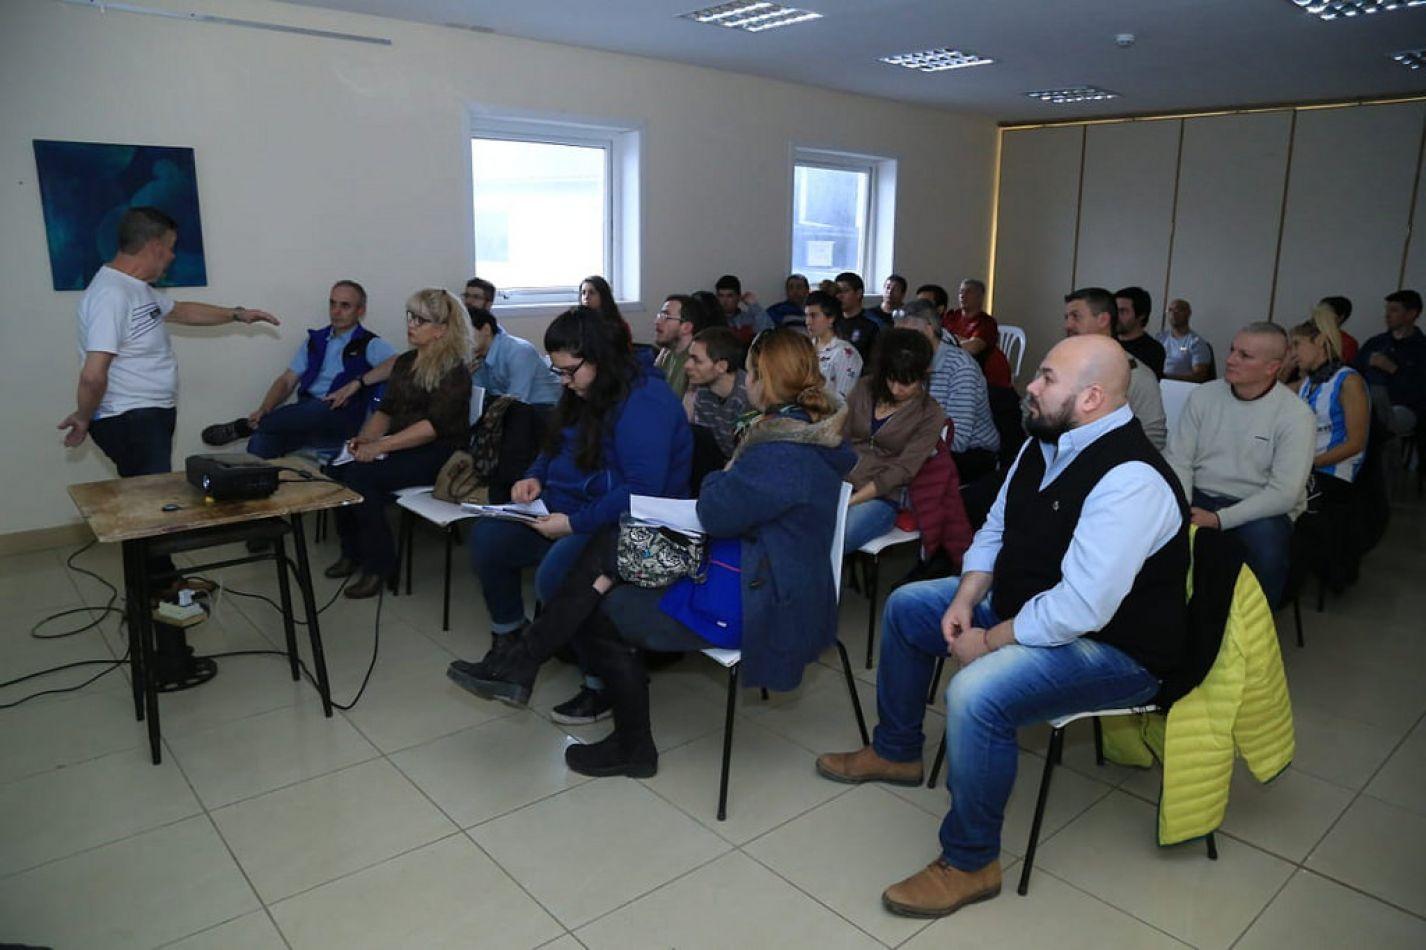 Capacitación sobre Inclusión Social a profesores de Educación Física